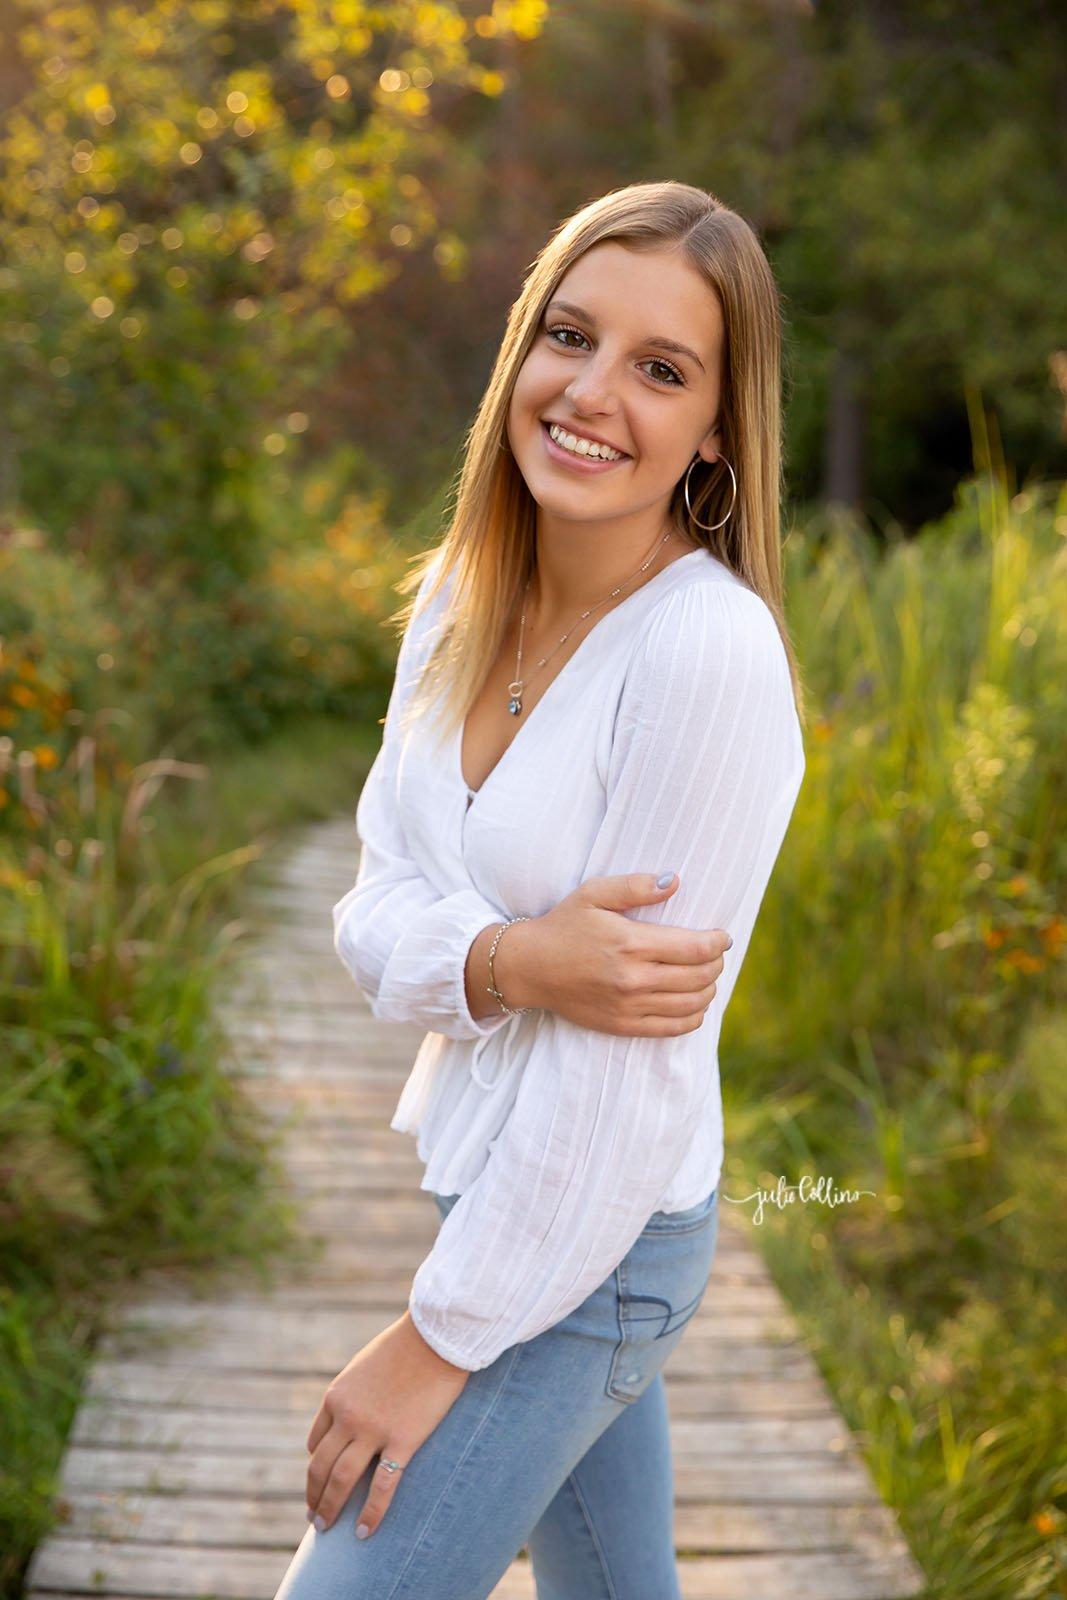 High school senior girl standing in park smiling for camera